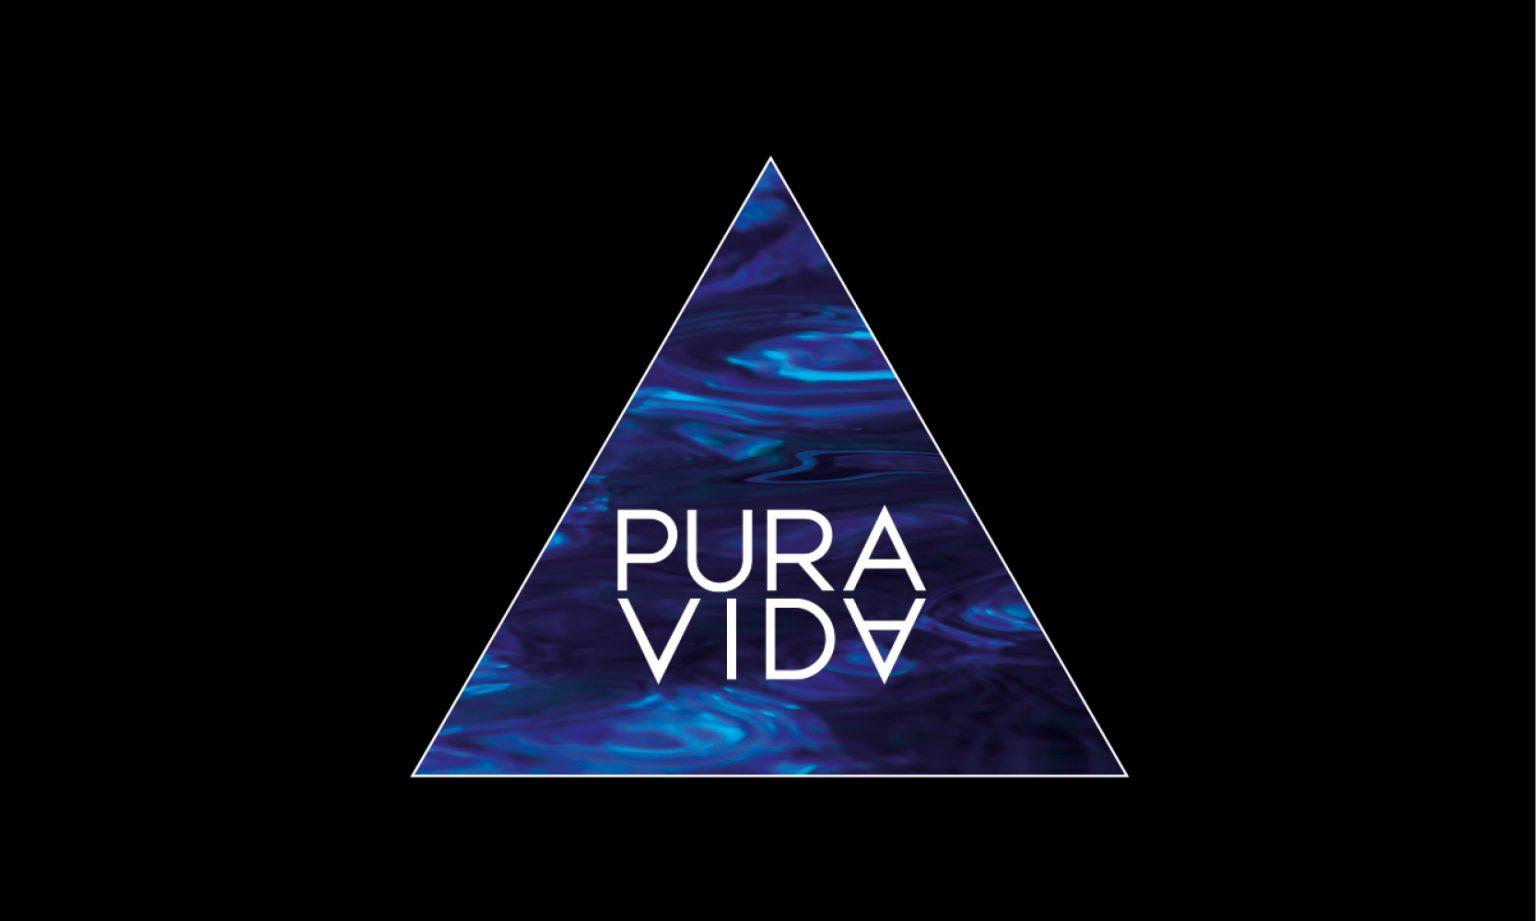 NG_puravida_-1